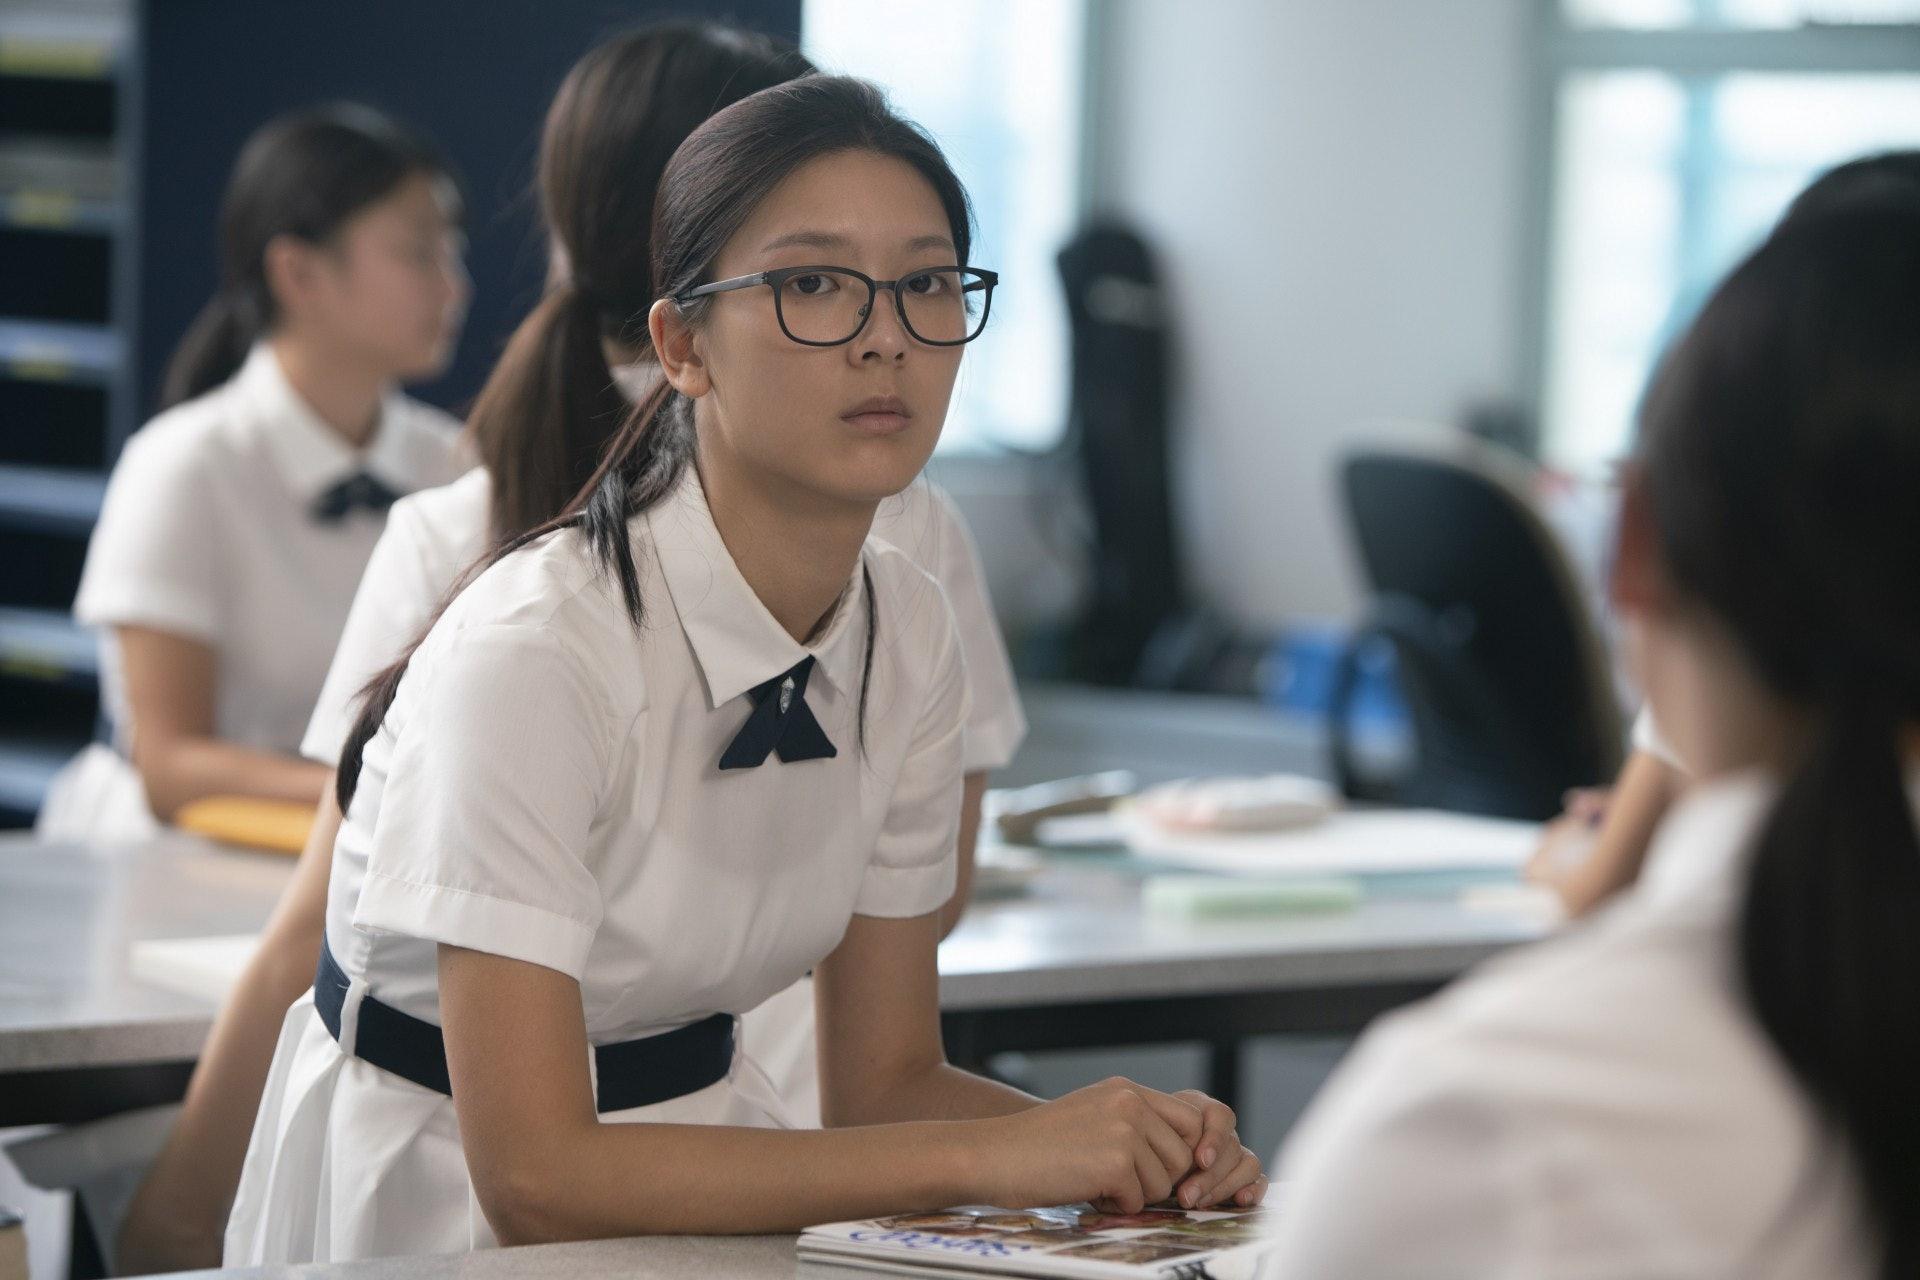 余香凝、谷祖琳及岑珈其等主演的新片《非同凡響》將於10月上映。(劇照)